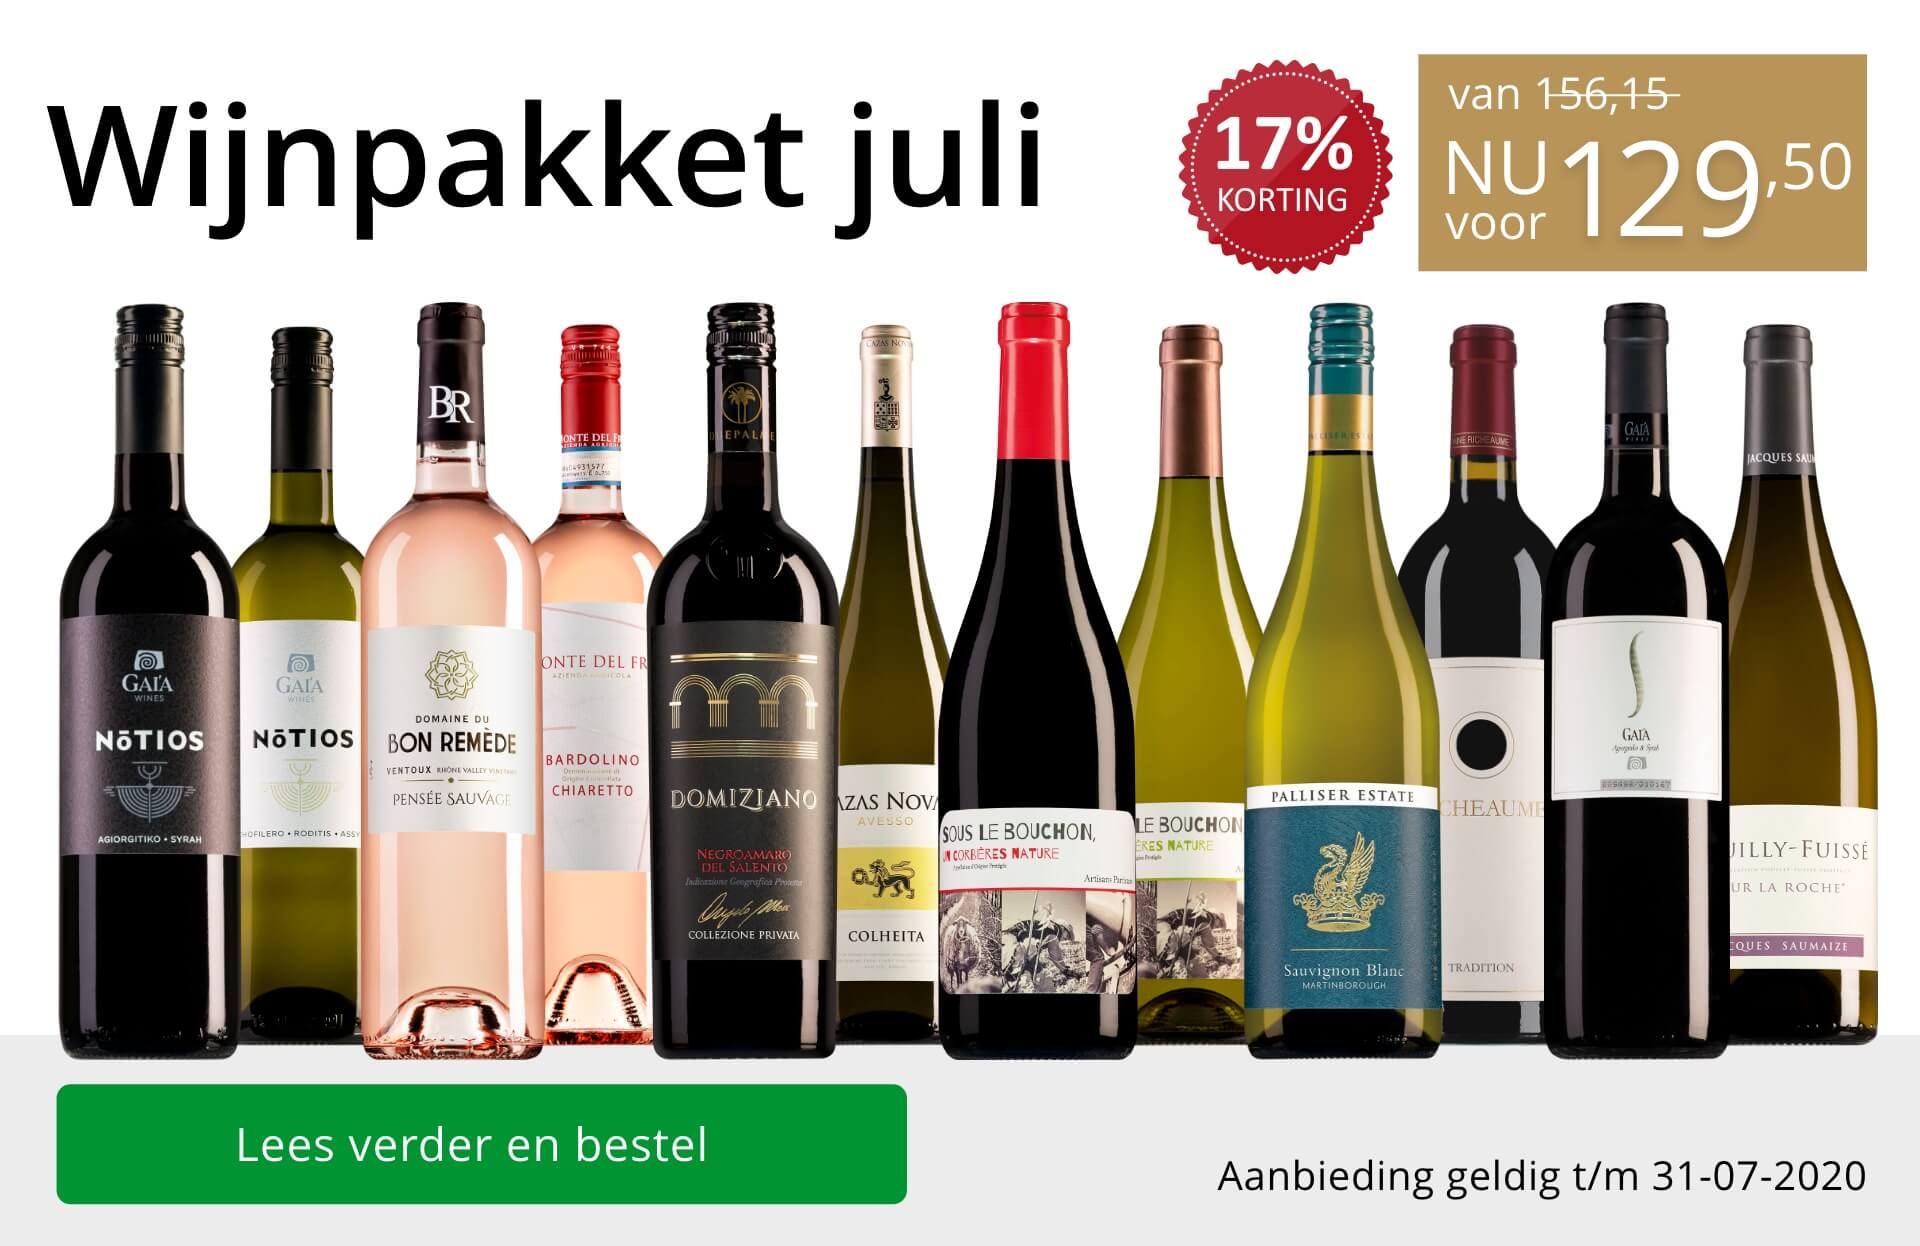 Wijnpakket wijnbericht juli 2020(129,50)-goud/zwart